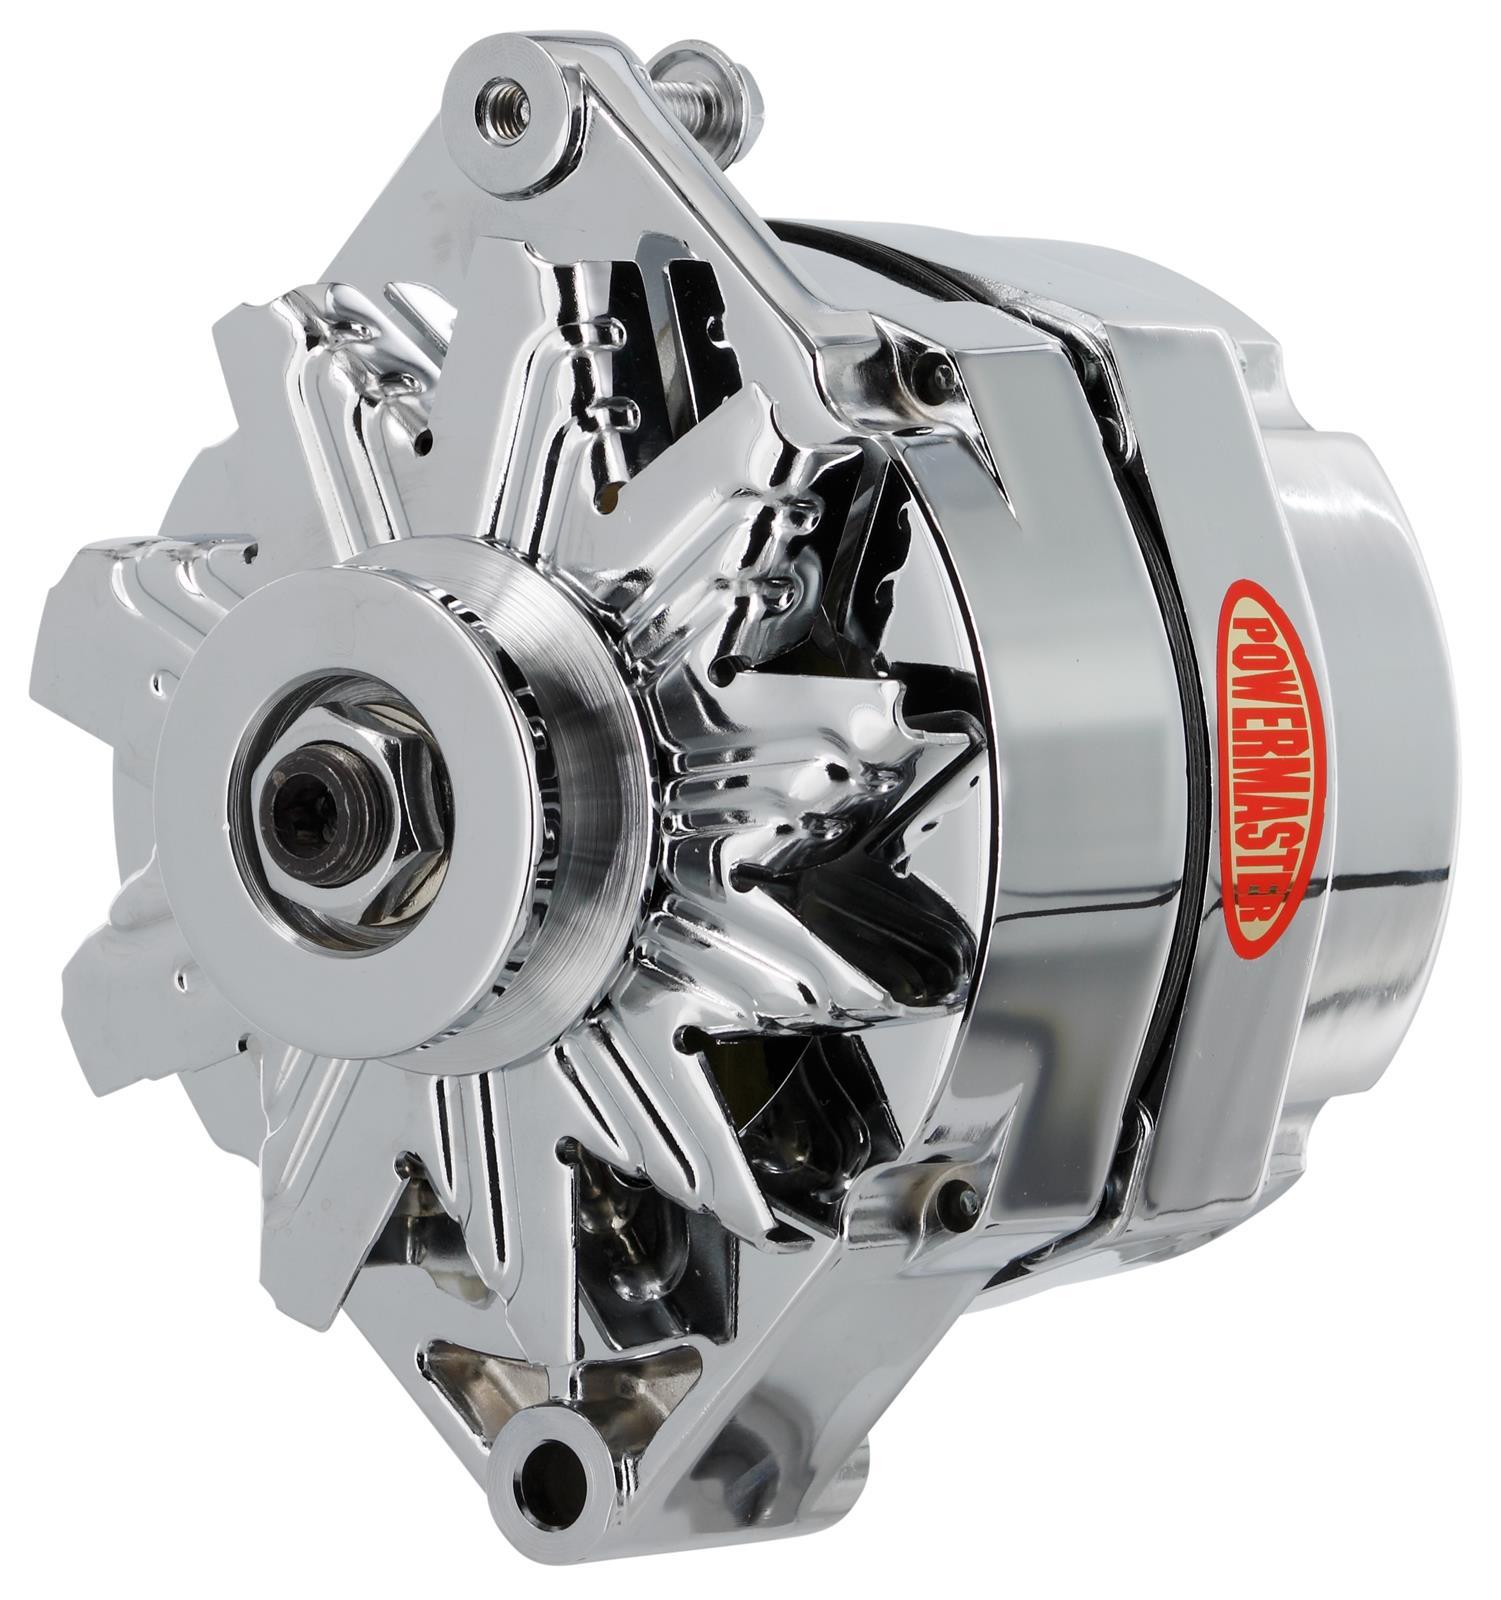 Powermaster Street Alternators 17127 Free Shipping On Orders Over Alternator Wiring Diagram 99 At Summit Racing